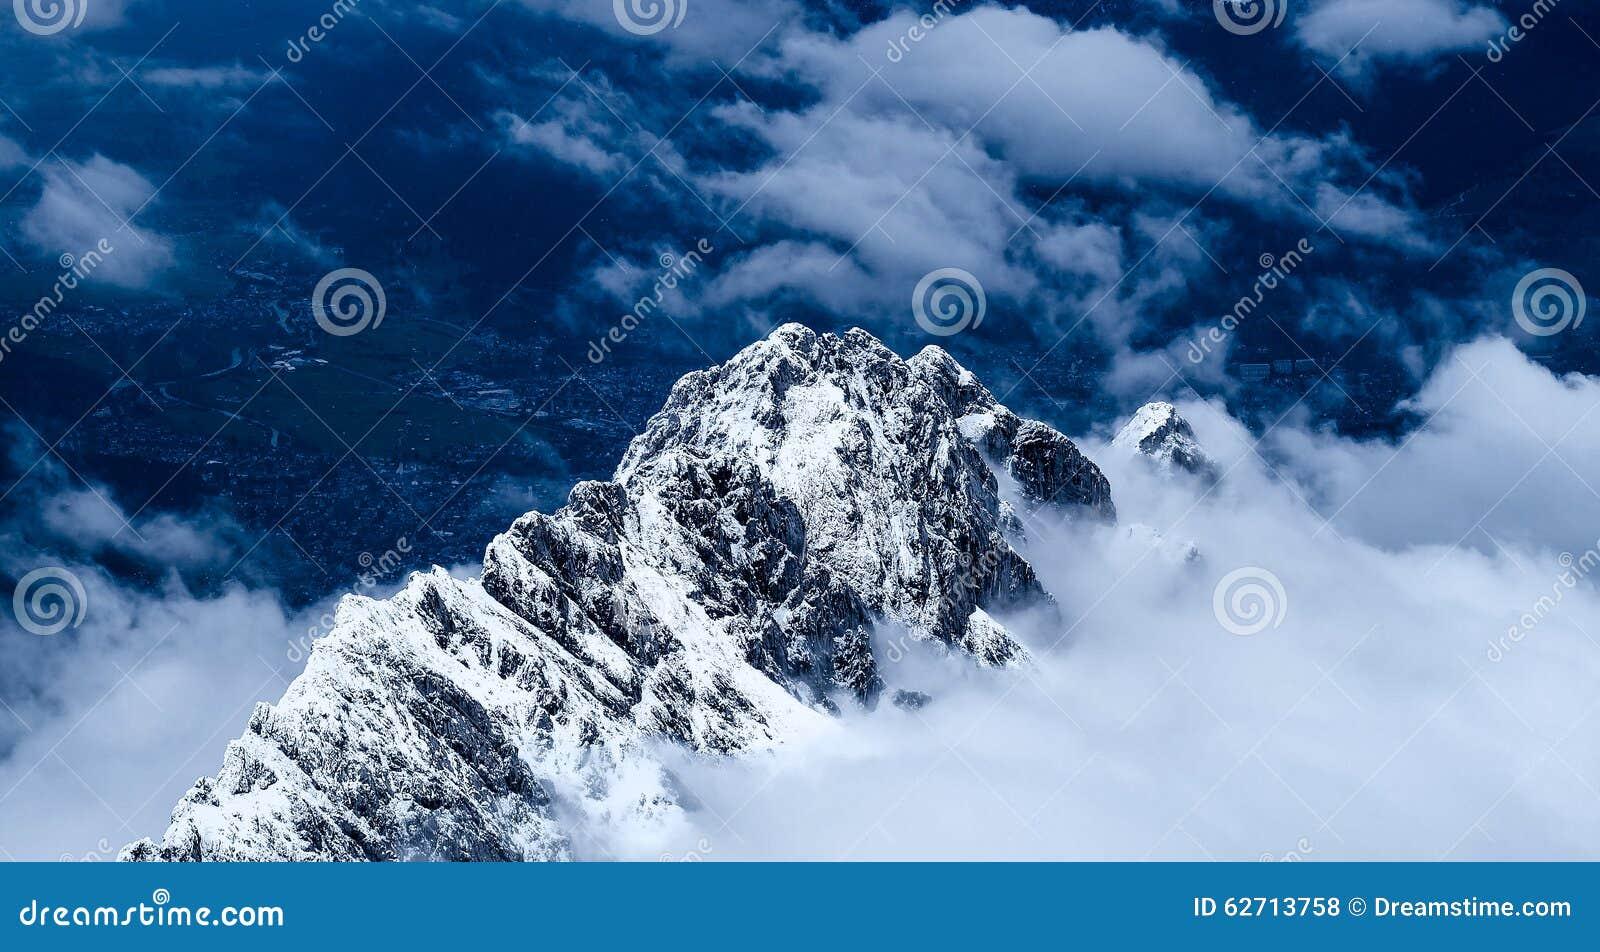 Φωτογραφία ταξιδιού Zugspitze - υψηλότερη αιχμή Germany's